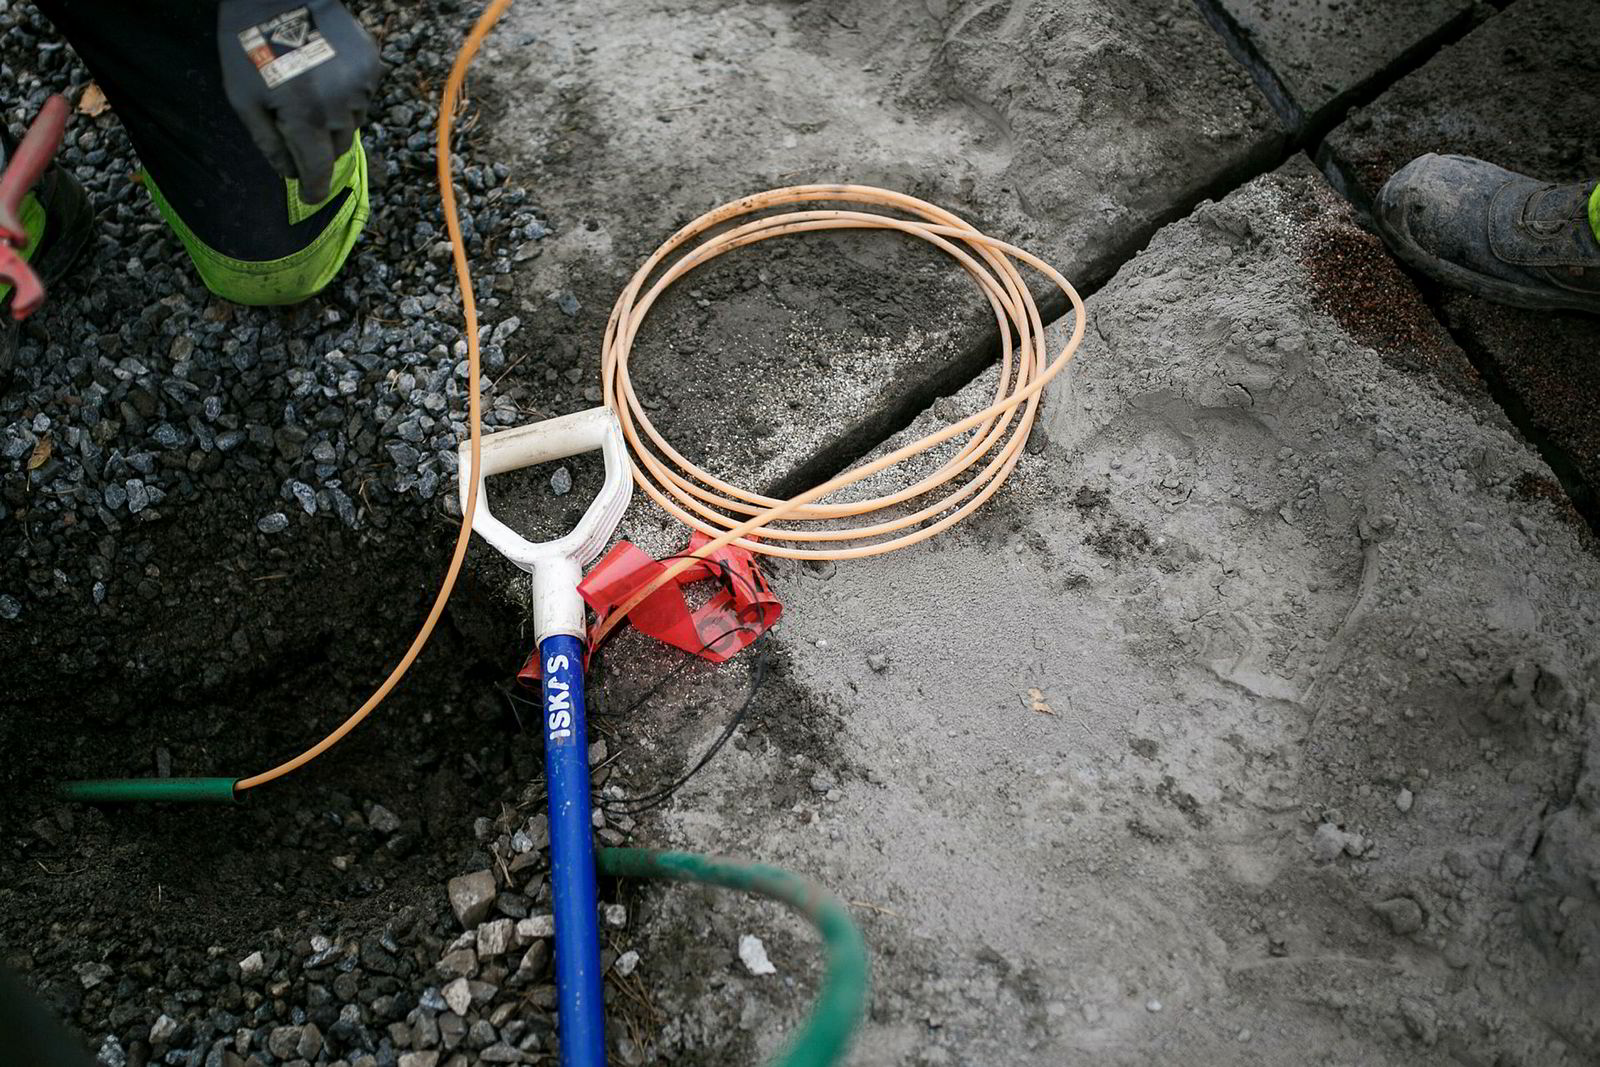 Microtrenching sager smale spor i asfalten i etablerte byggefelt, der rør for fiberoptiske kabler kan legges raskere og billigere enn å måtte grave opp hele gaten.